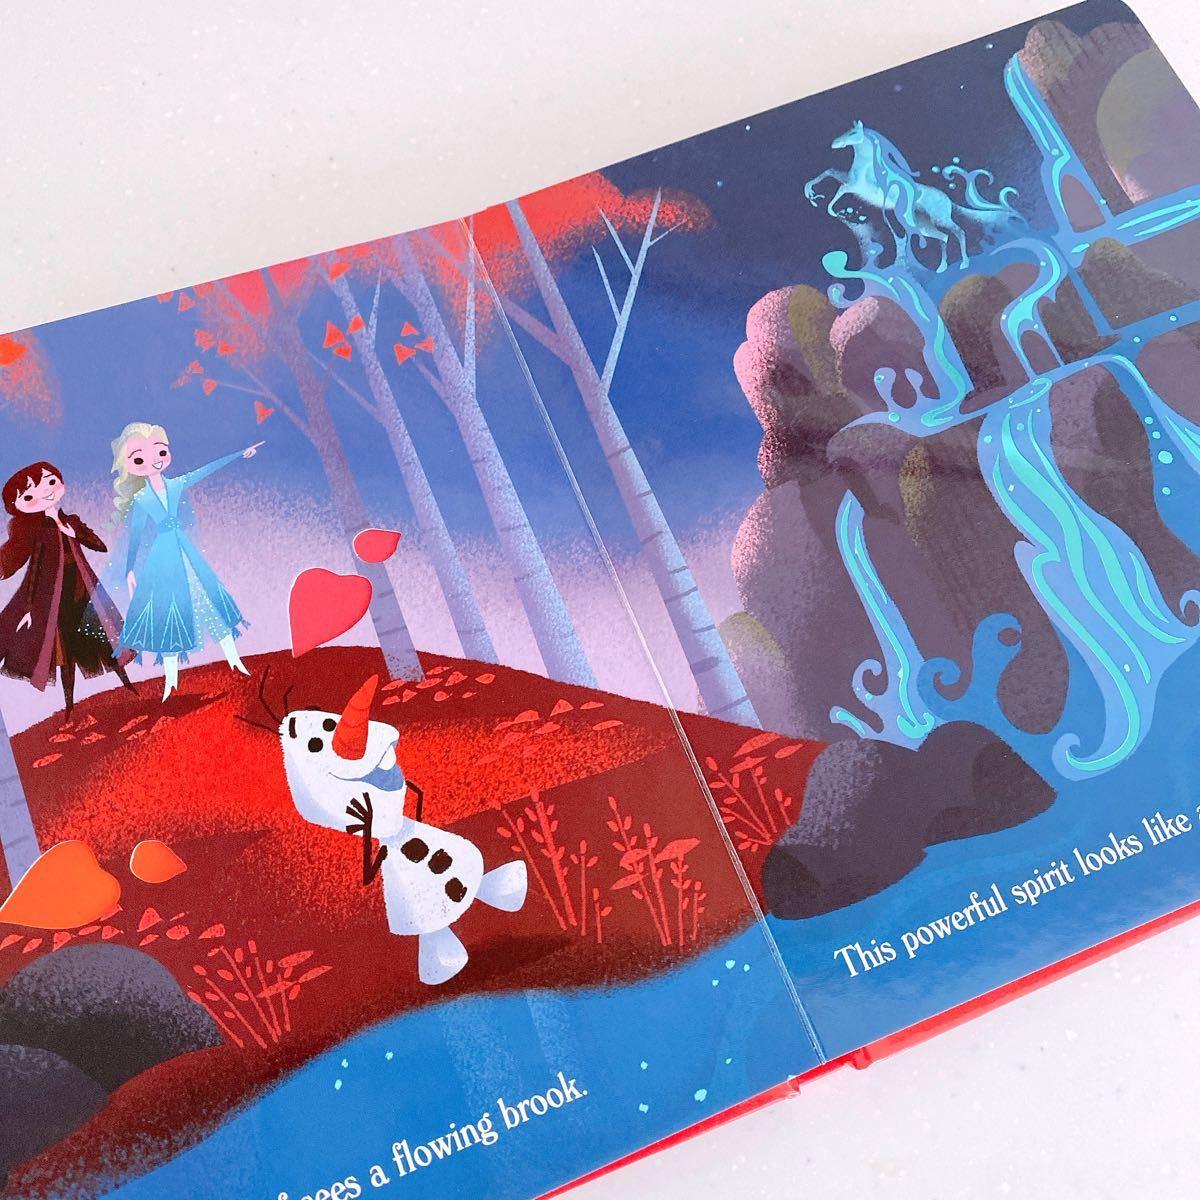 アナ雪 アナと雪の女王 エルサ アナ オラフ しかけ絵本 プリンセス 英語絵本 ディズニー 英語 絵本 森 dwe